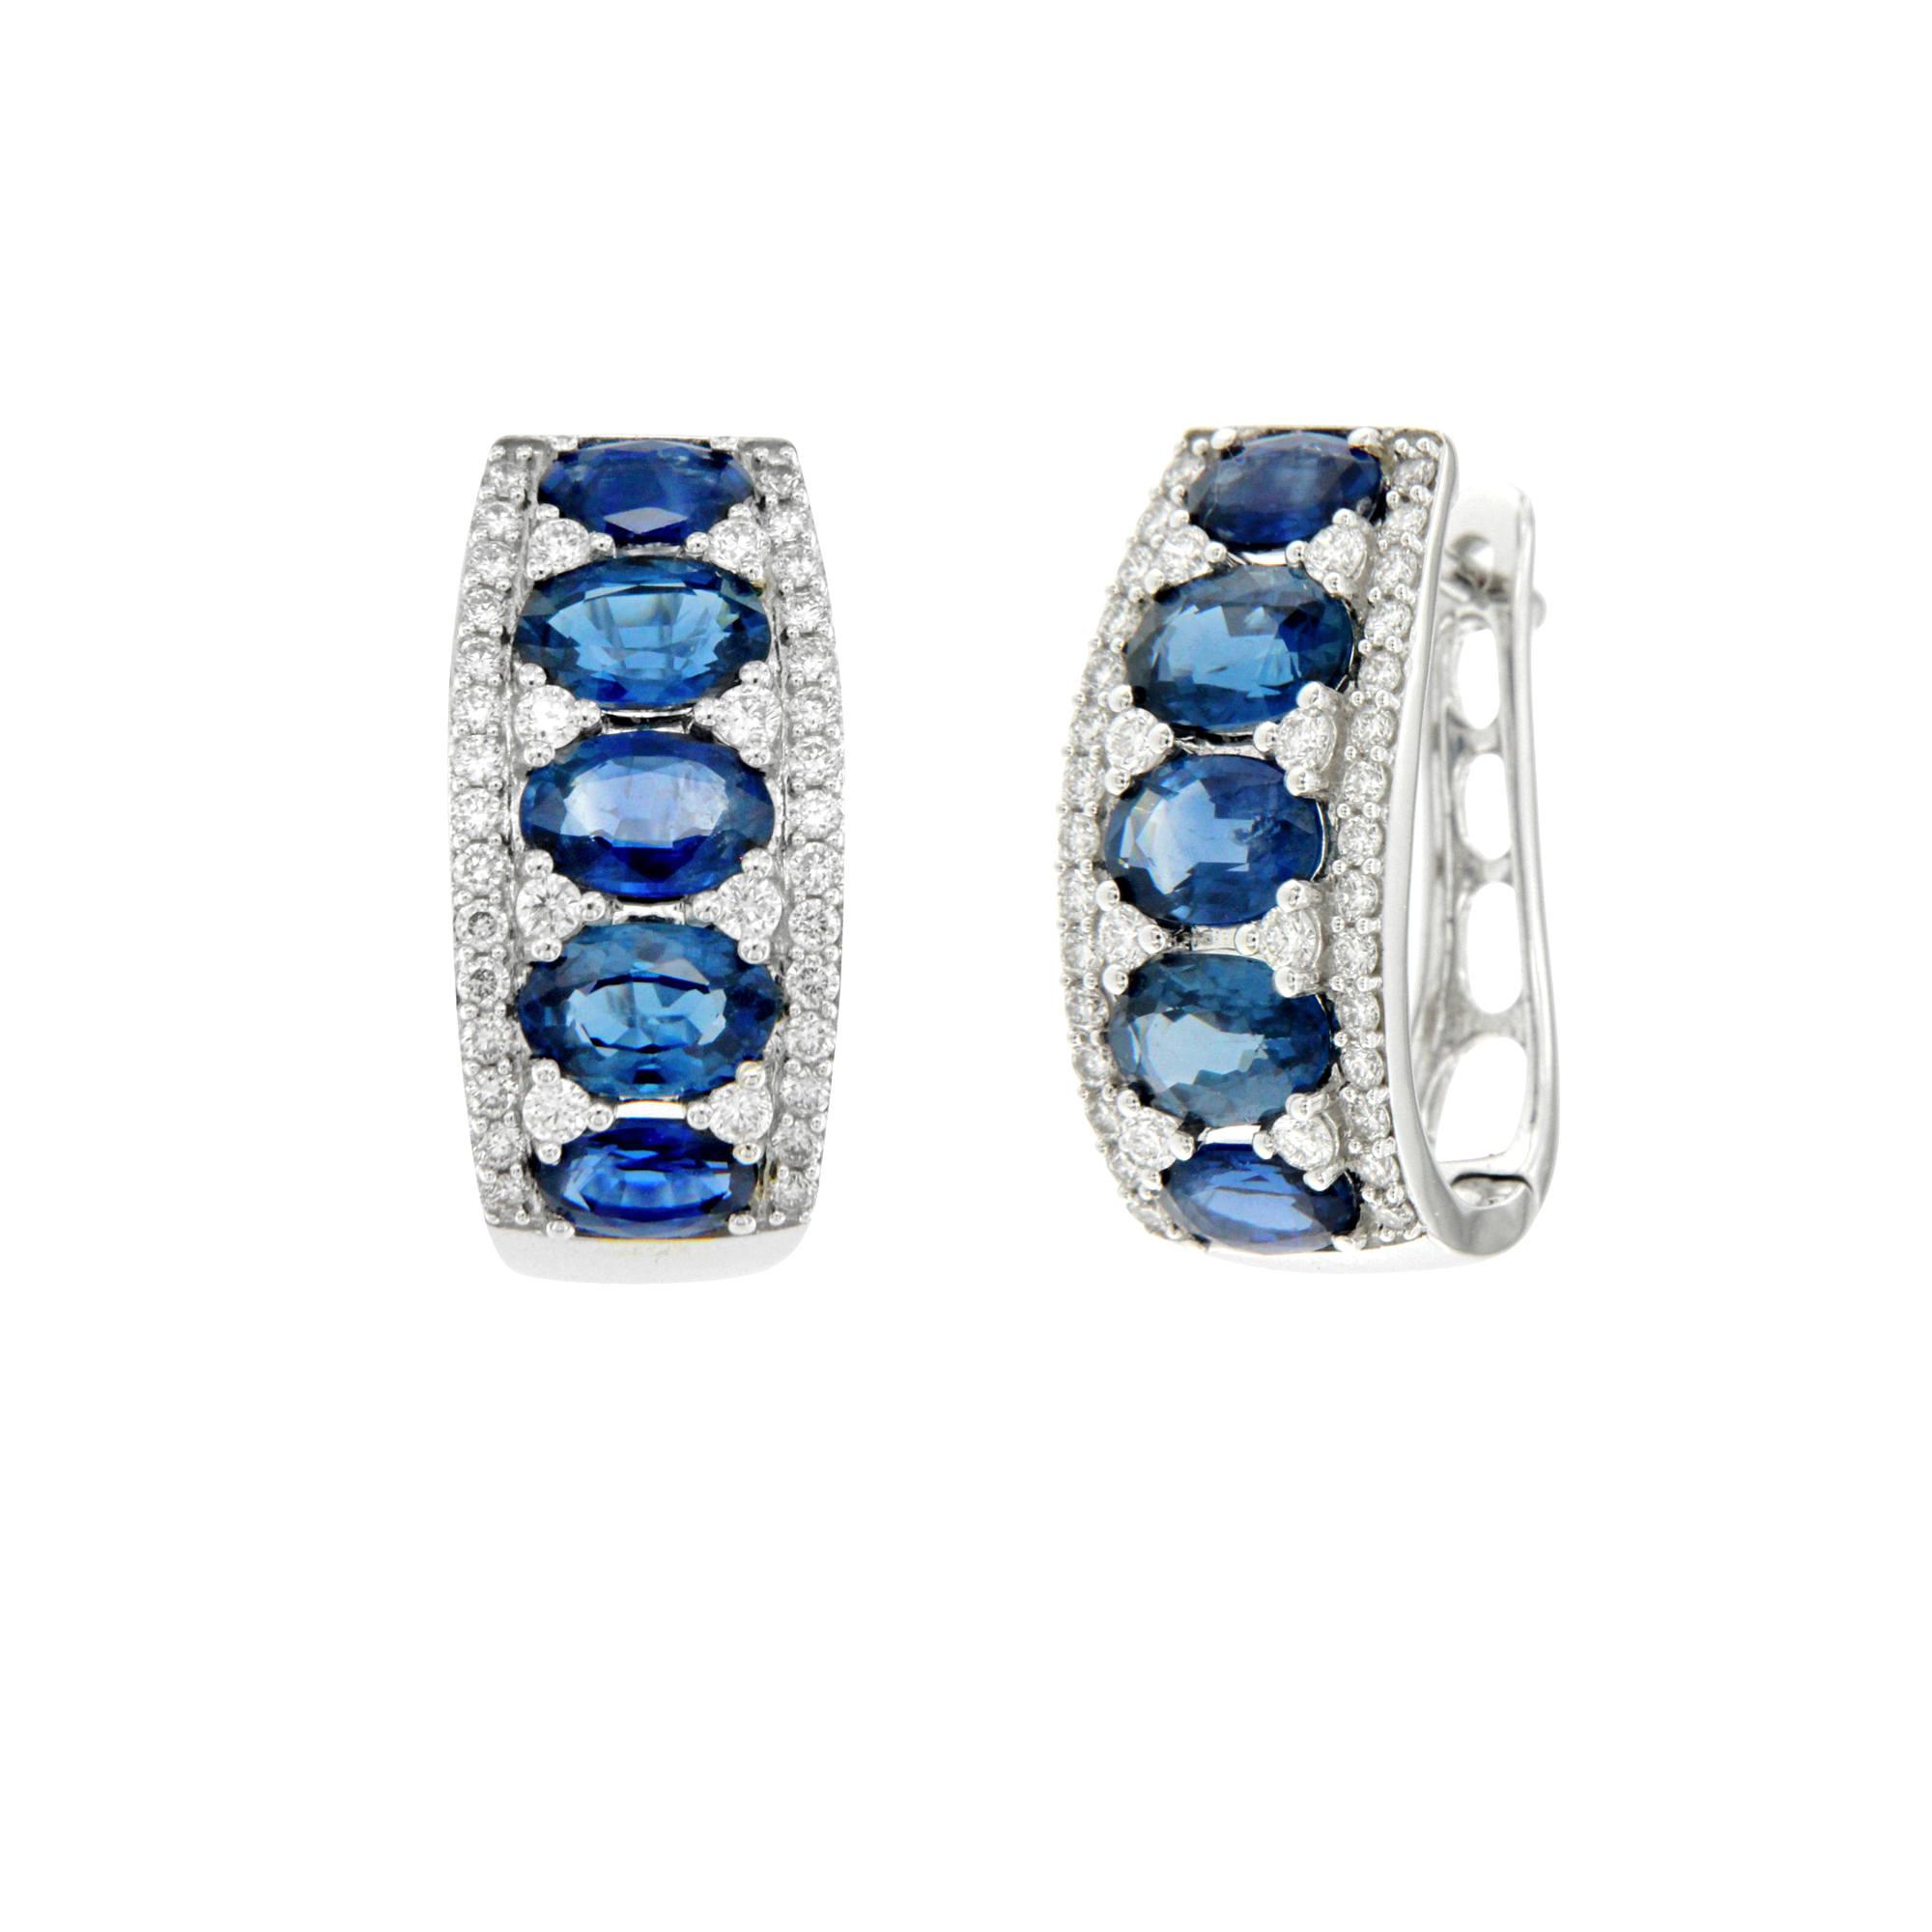 Orecchini in oro bianco con brillanti e zaffiri ER15233Z1 White gold earrings with diamonds and sapphires